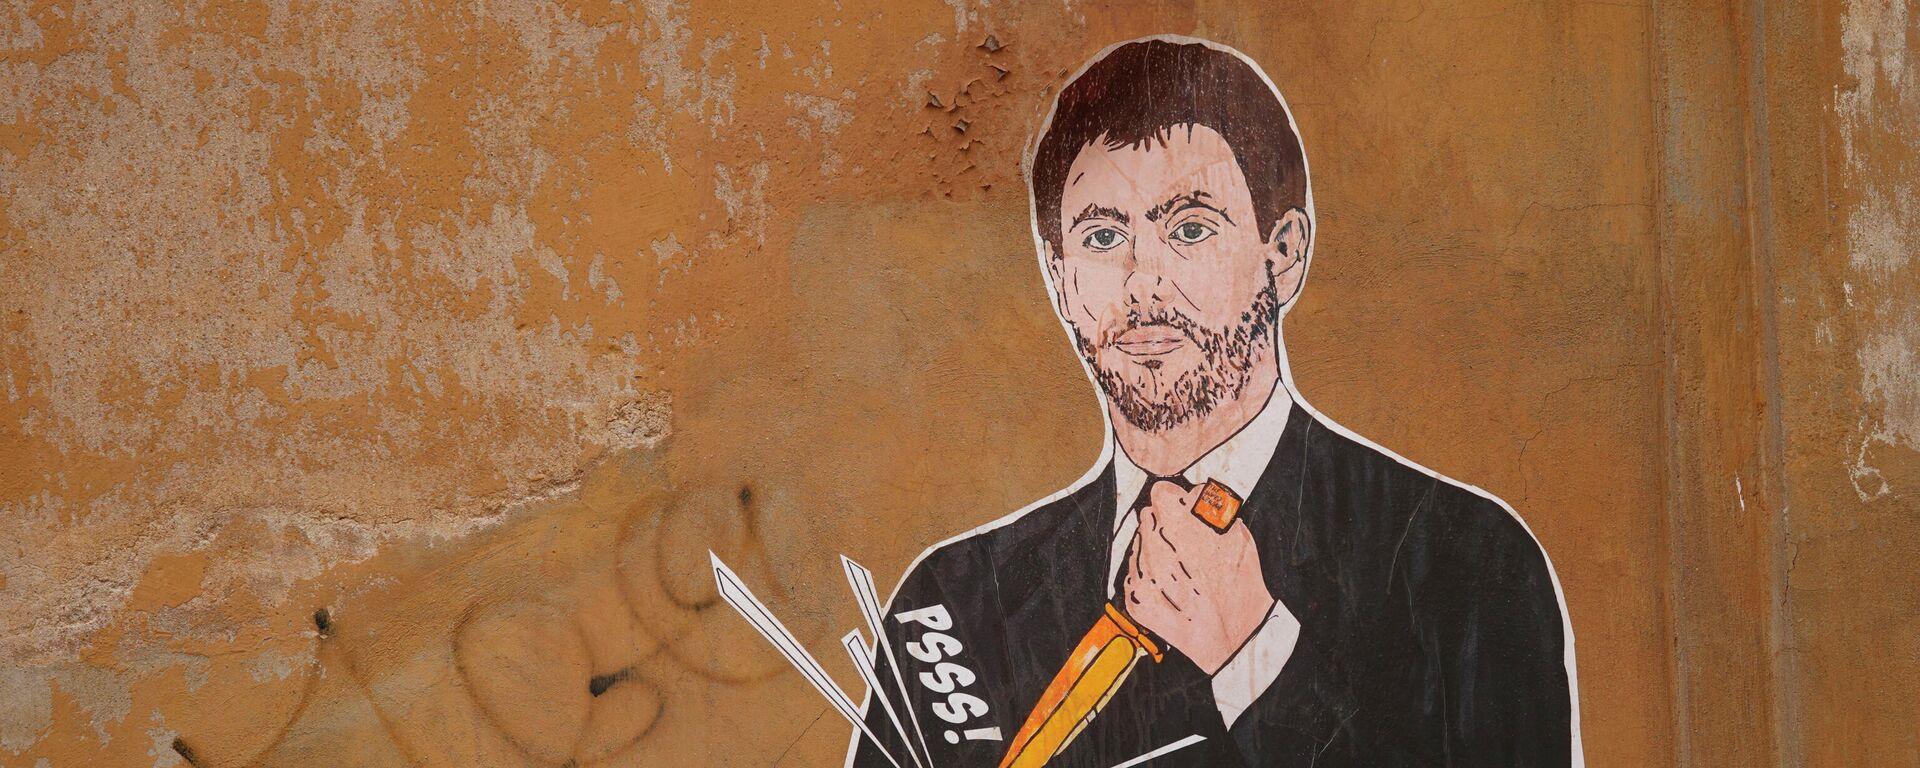 Γκράφιτι με τον Αντρέα Ανιέλι να σκάει μια ποδοσφαιρική μπάλα - Sputnik Ελλάδα, 1920, 24.04.2021